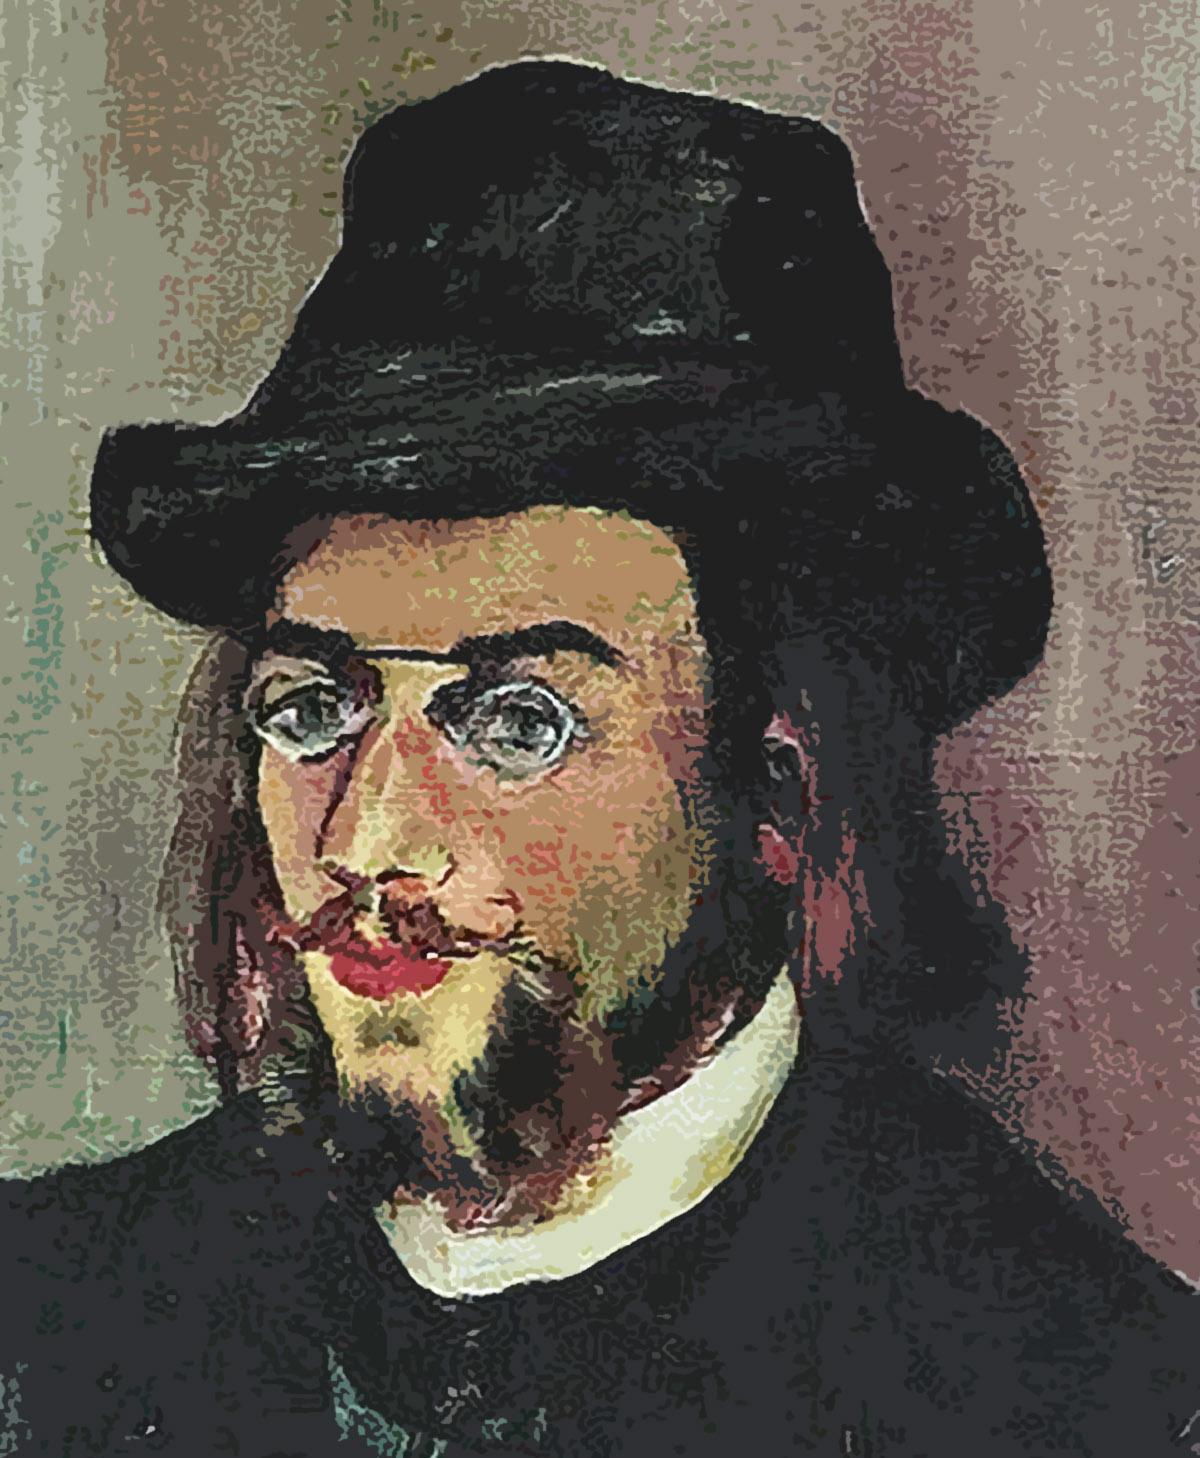 La publication d'une contributrice invitée : Erik Satie (2), par IsabelleWerck